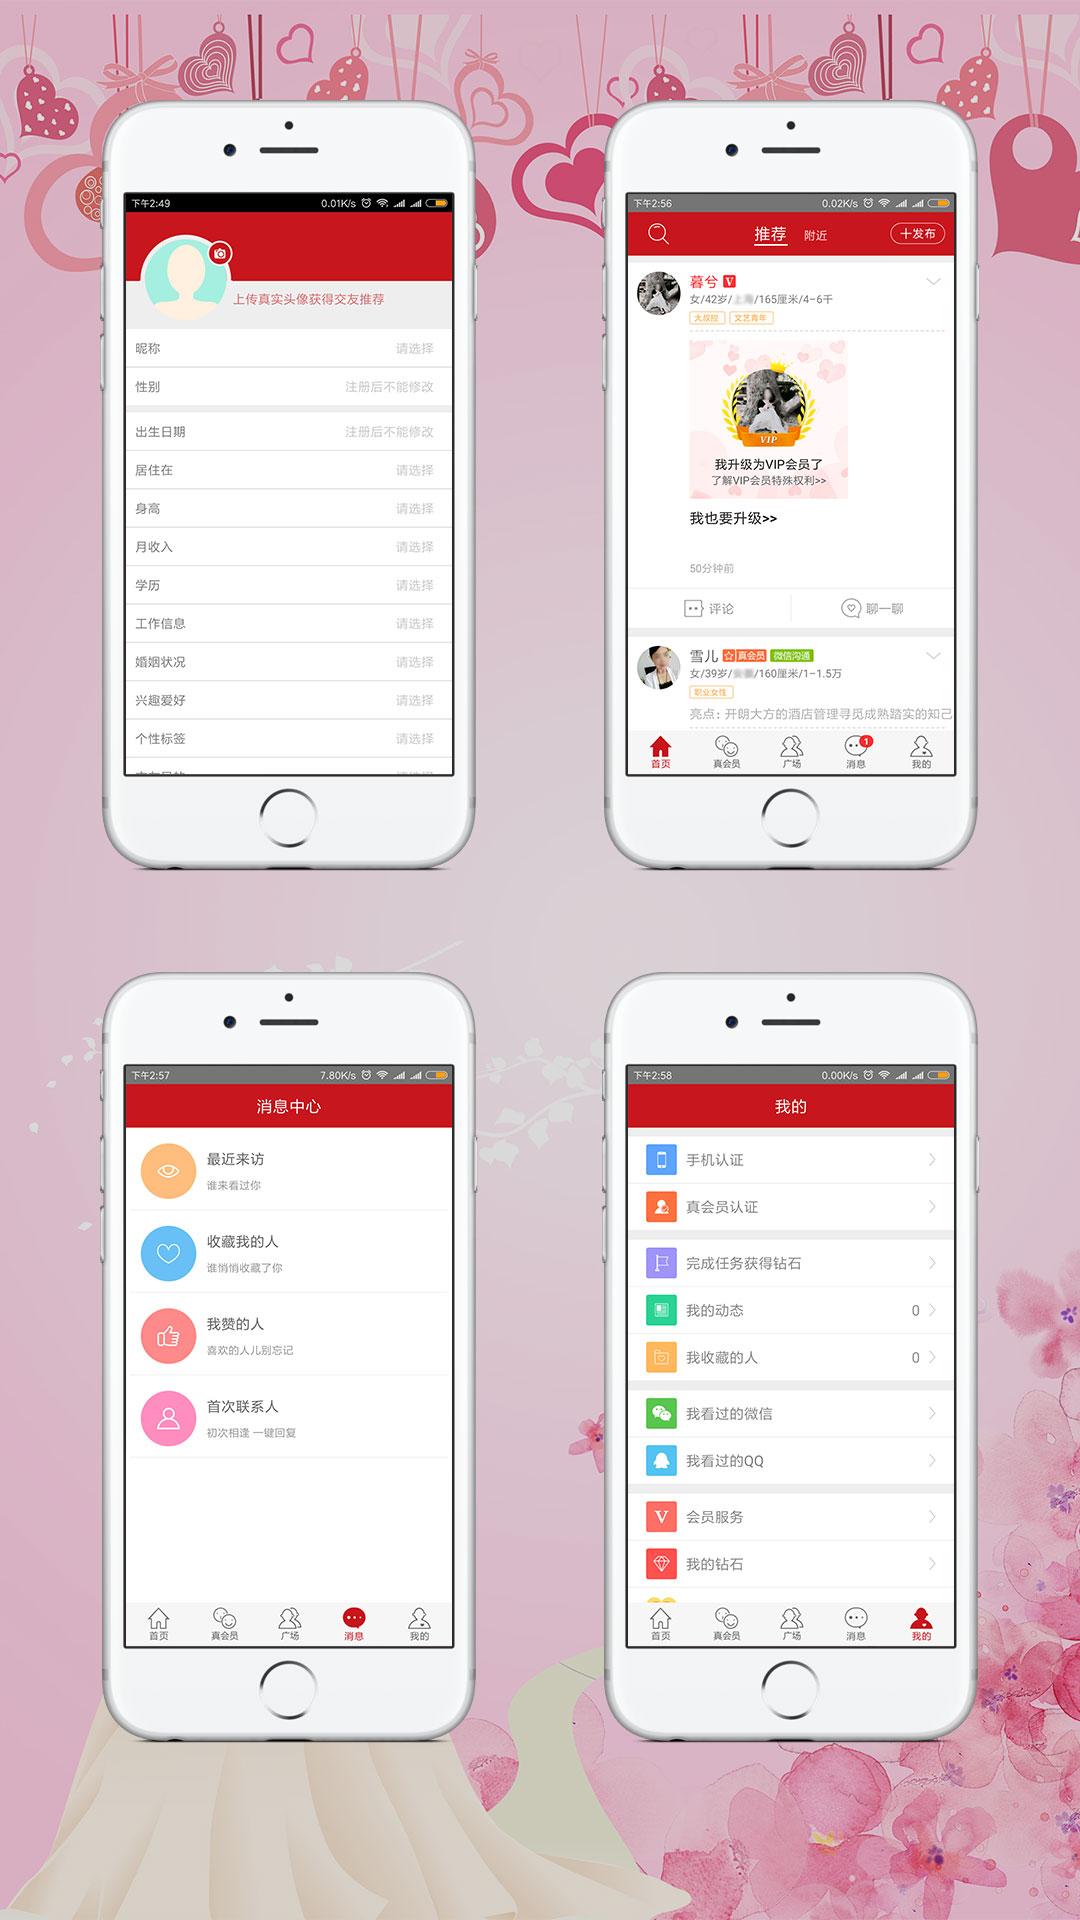 婚恋交友手机APP案例,婚恋行业APP(卷云科技)